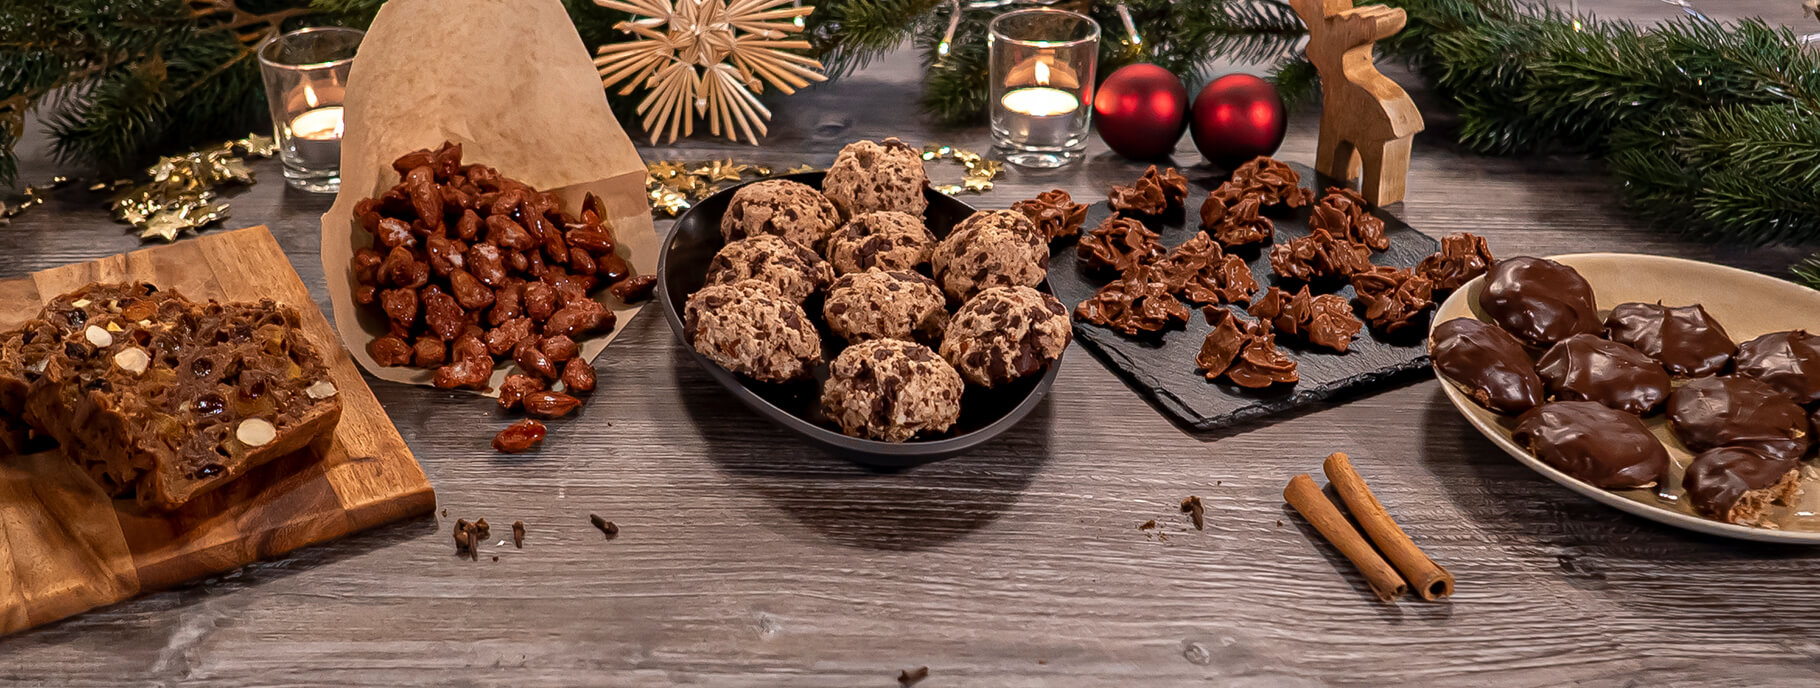 Rezepte für leckeres Weihnachtsgebäck - von Sportlern für dich!